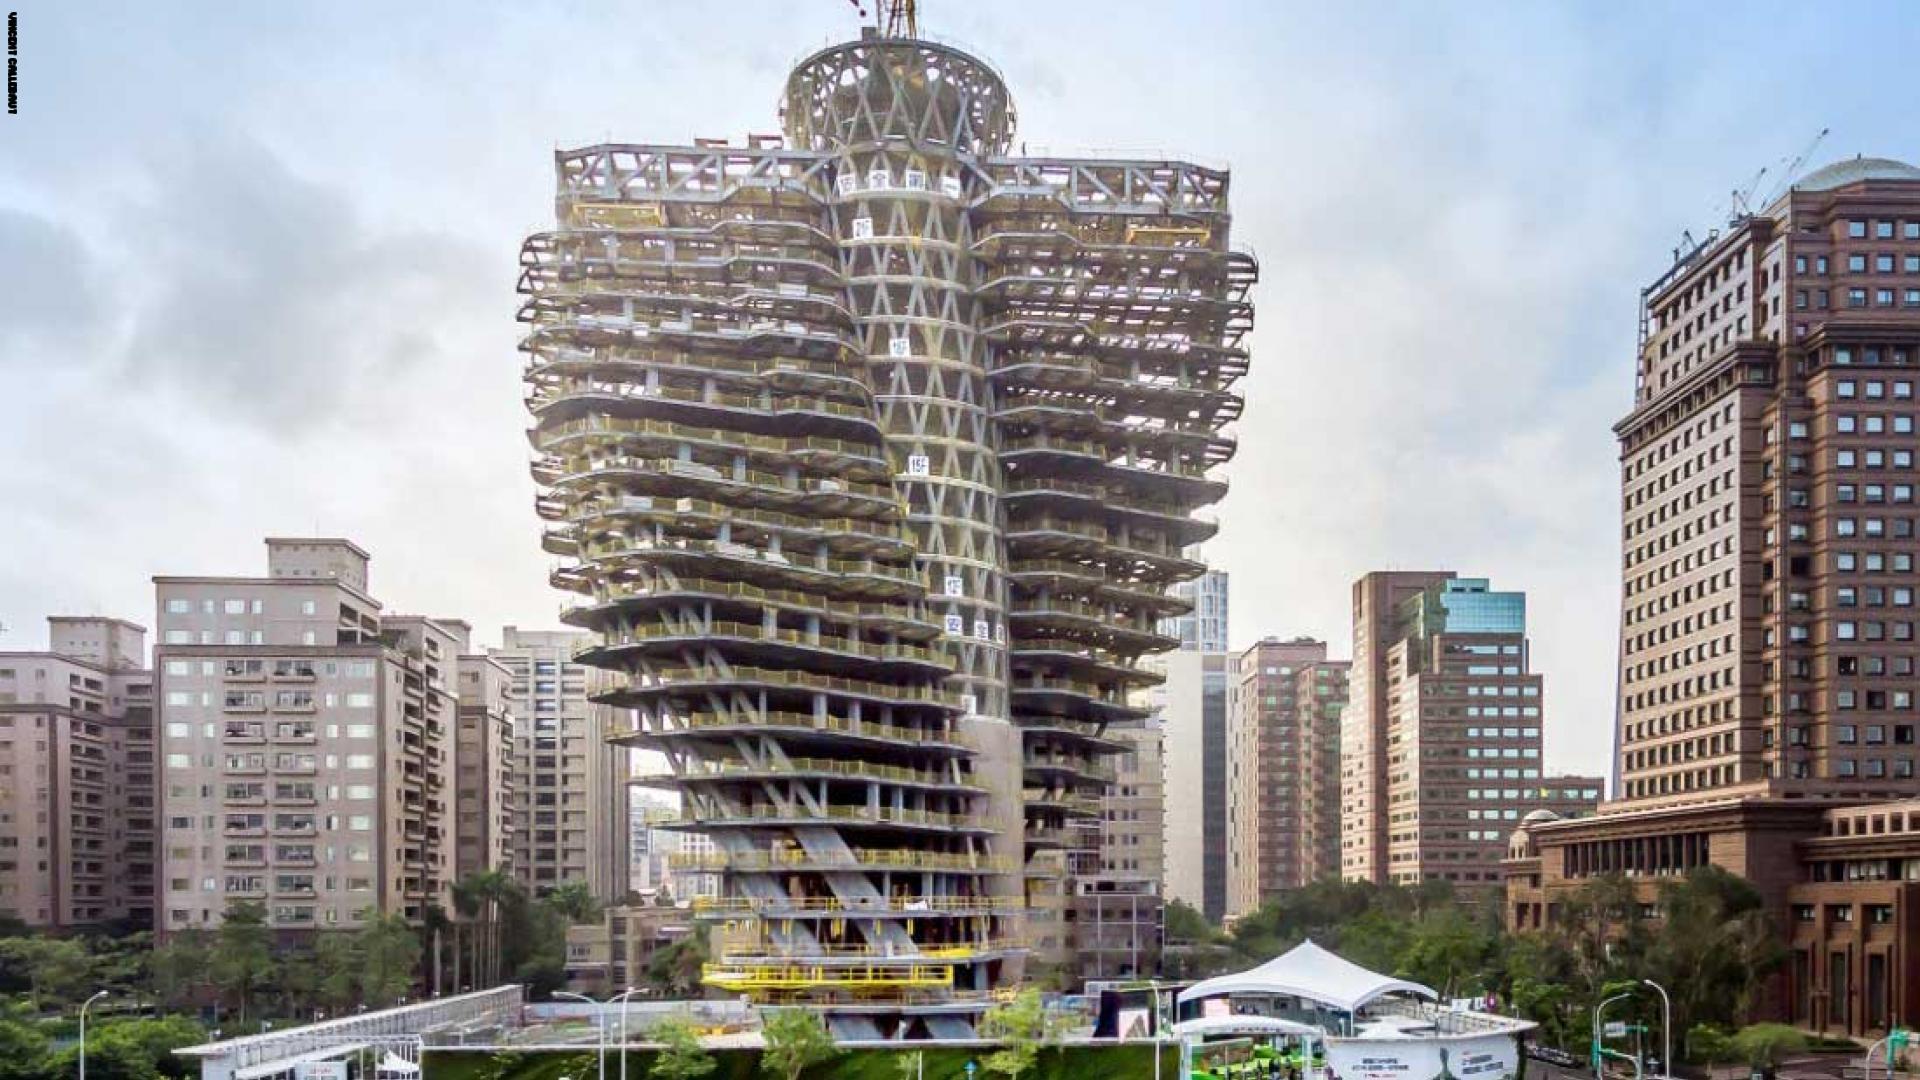 صور ناطحات سحاب ملتويه برج-تاو-تشو-يين-يوان